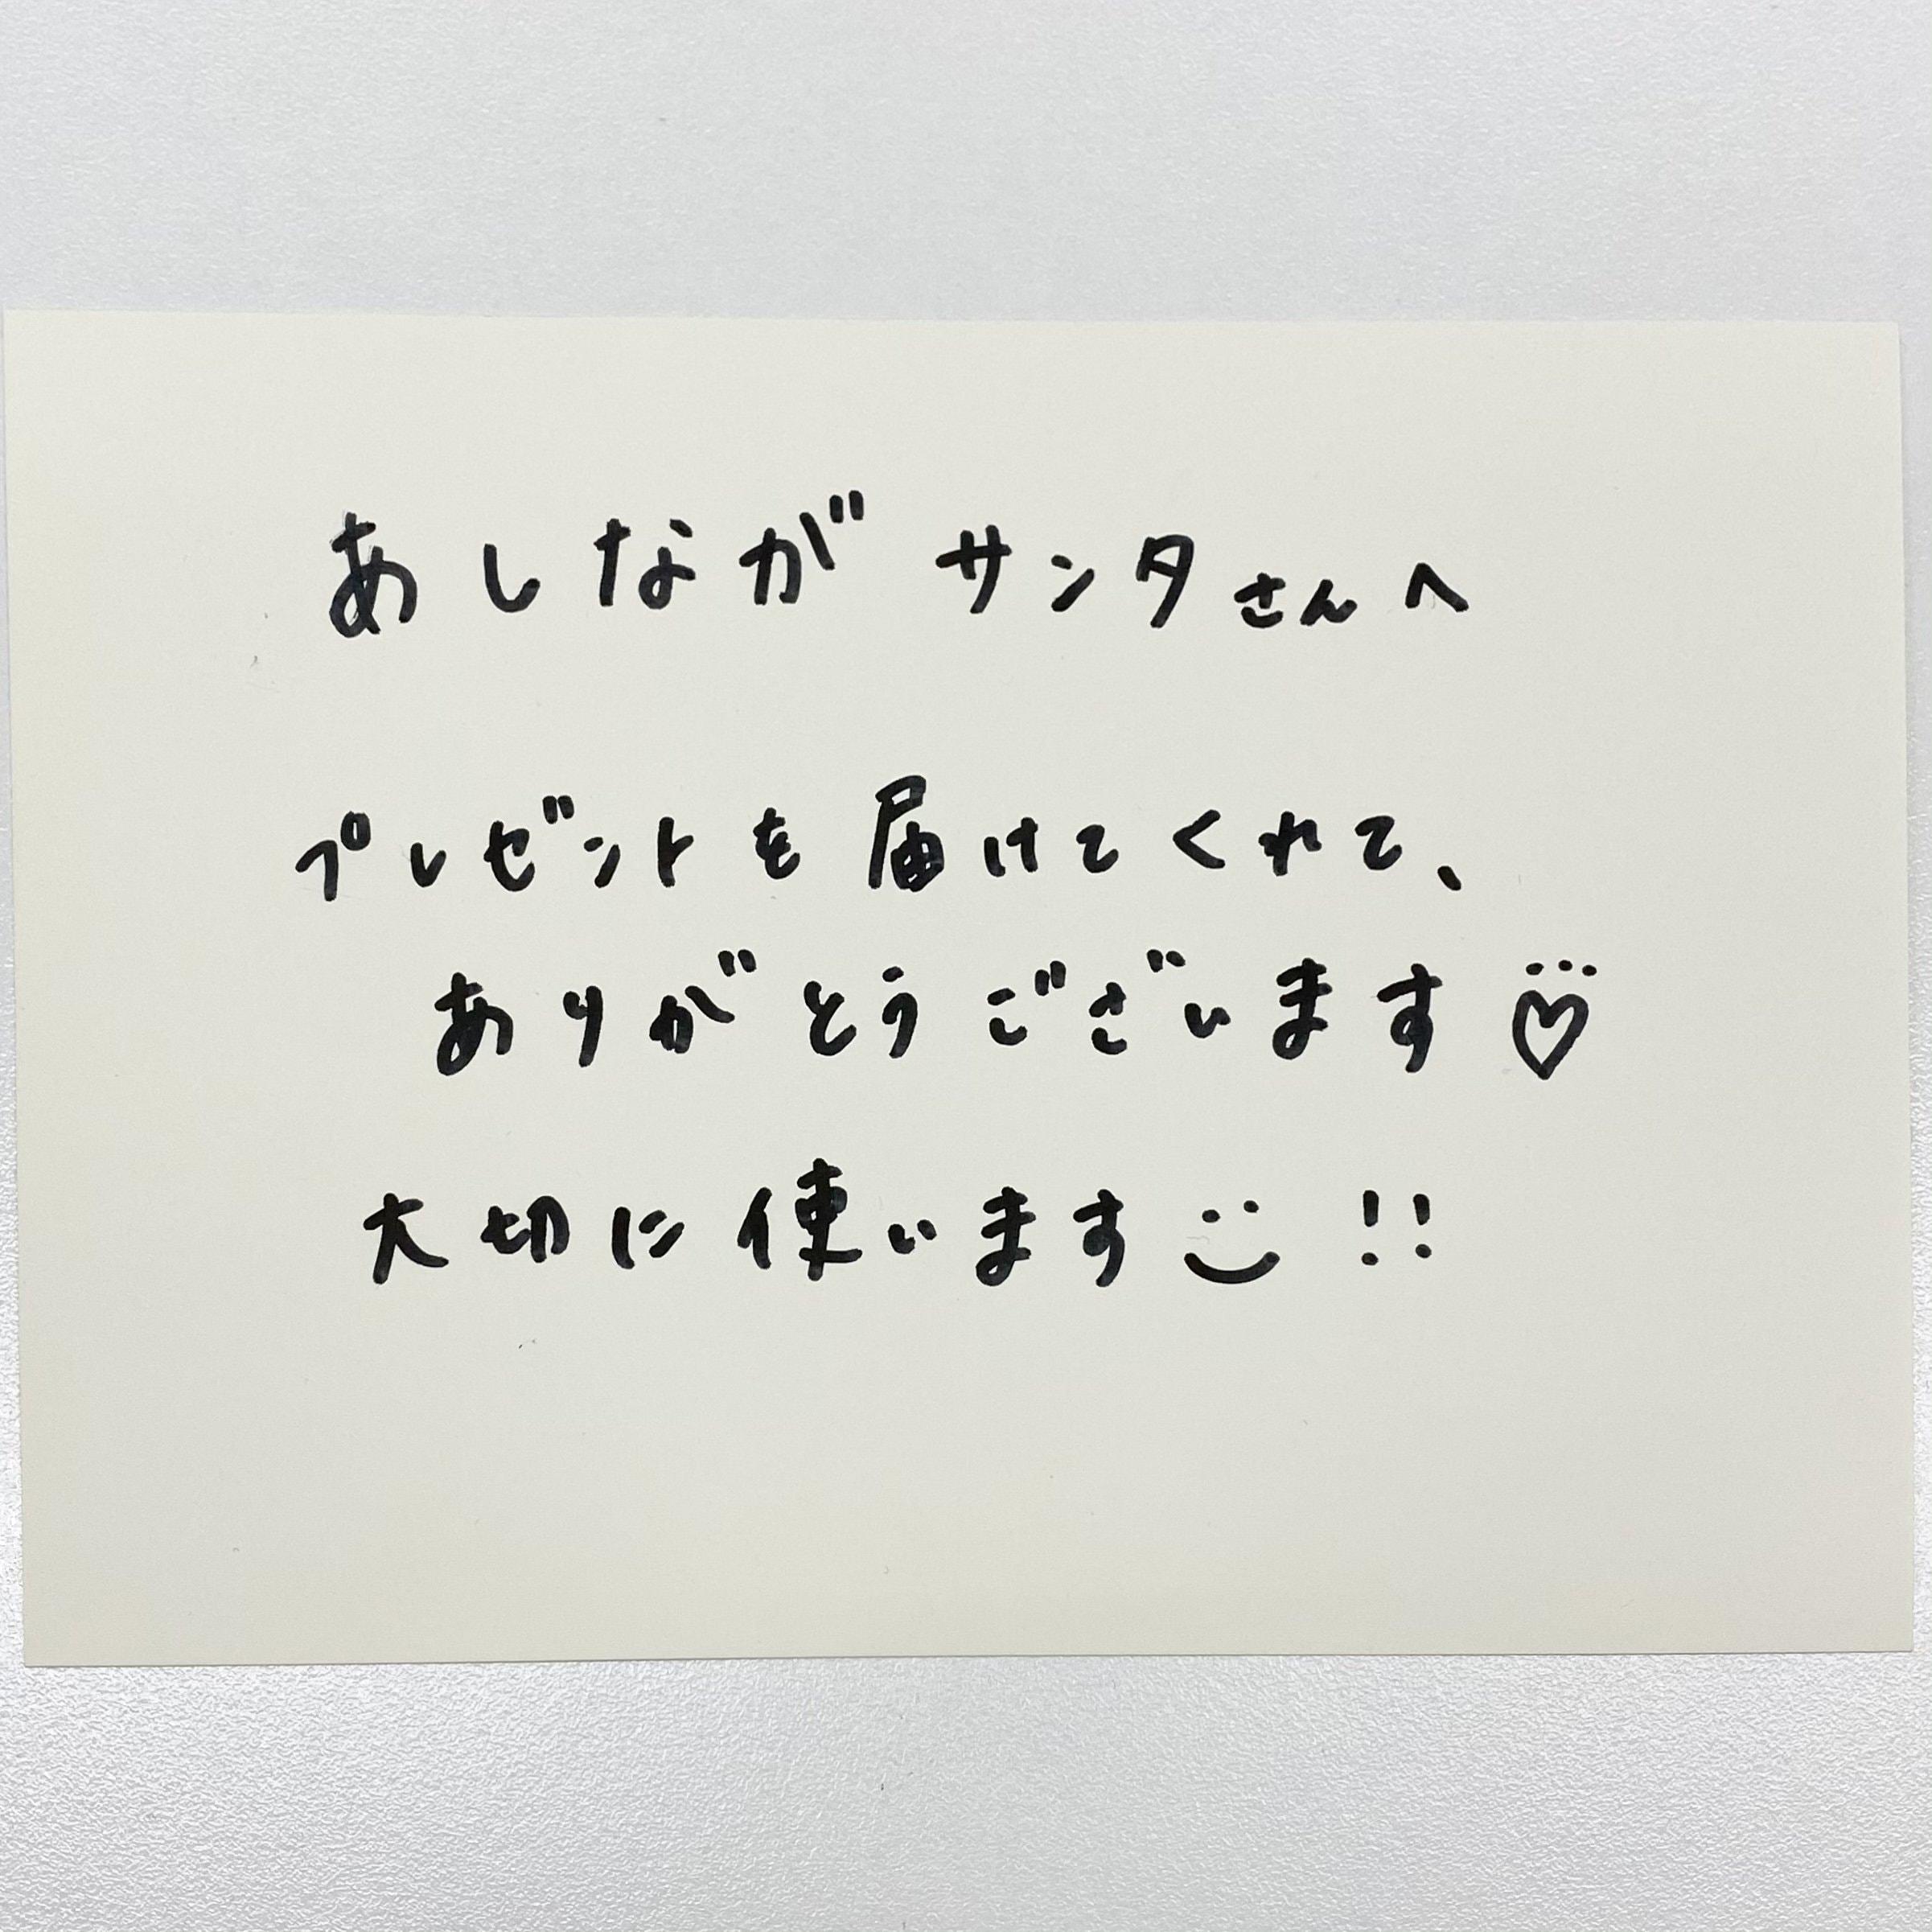 【あしながサンタ】株式会社ロードカー【お礼】